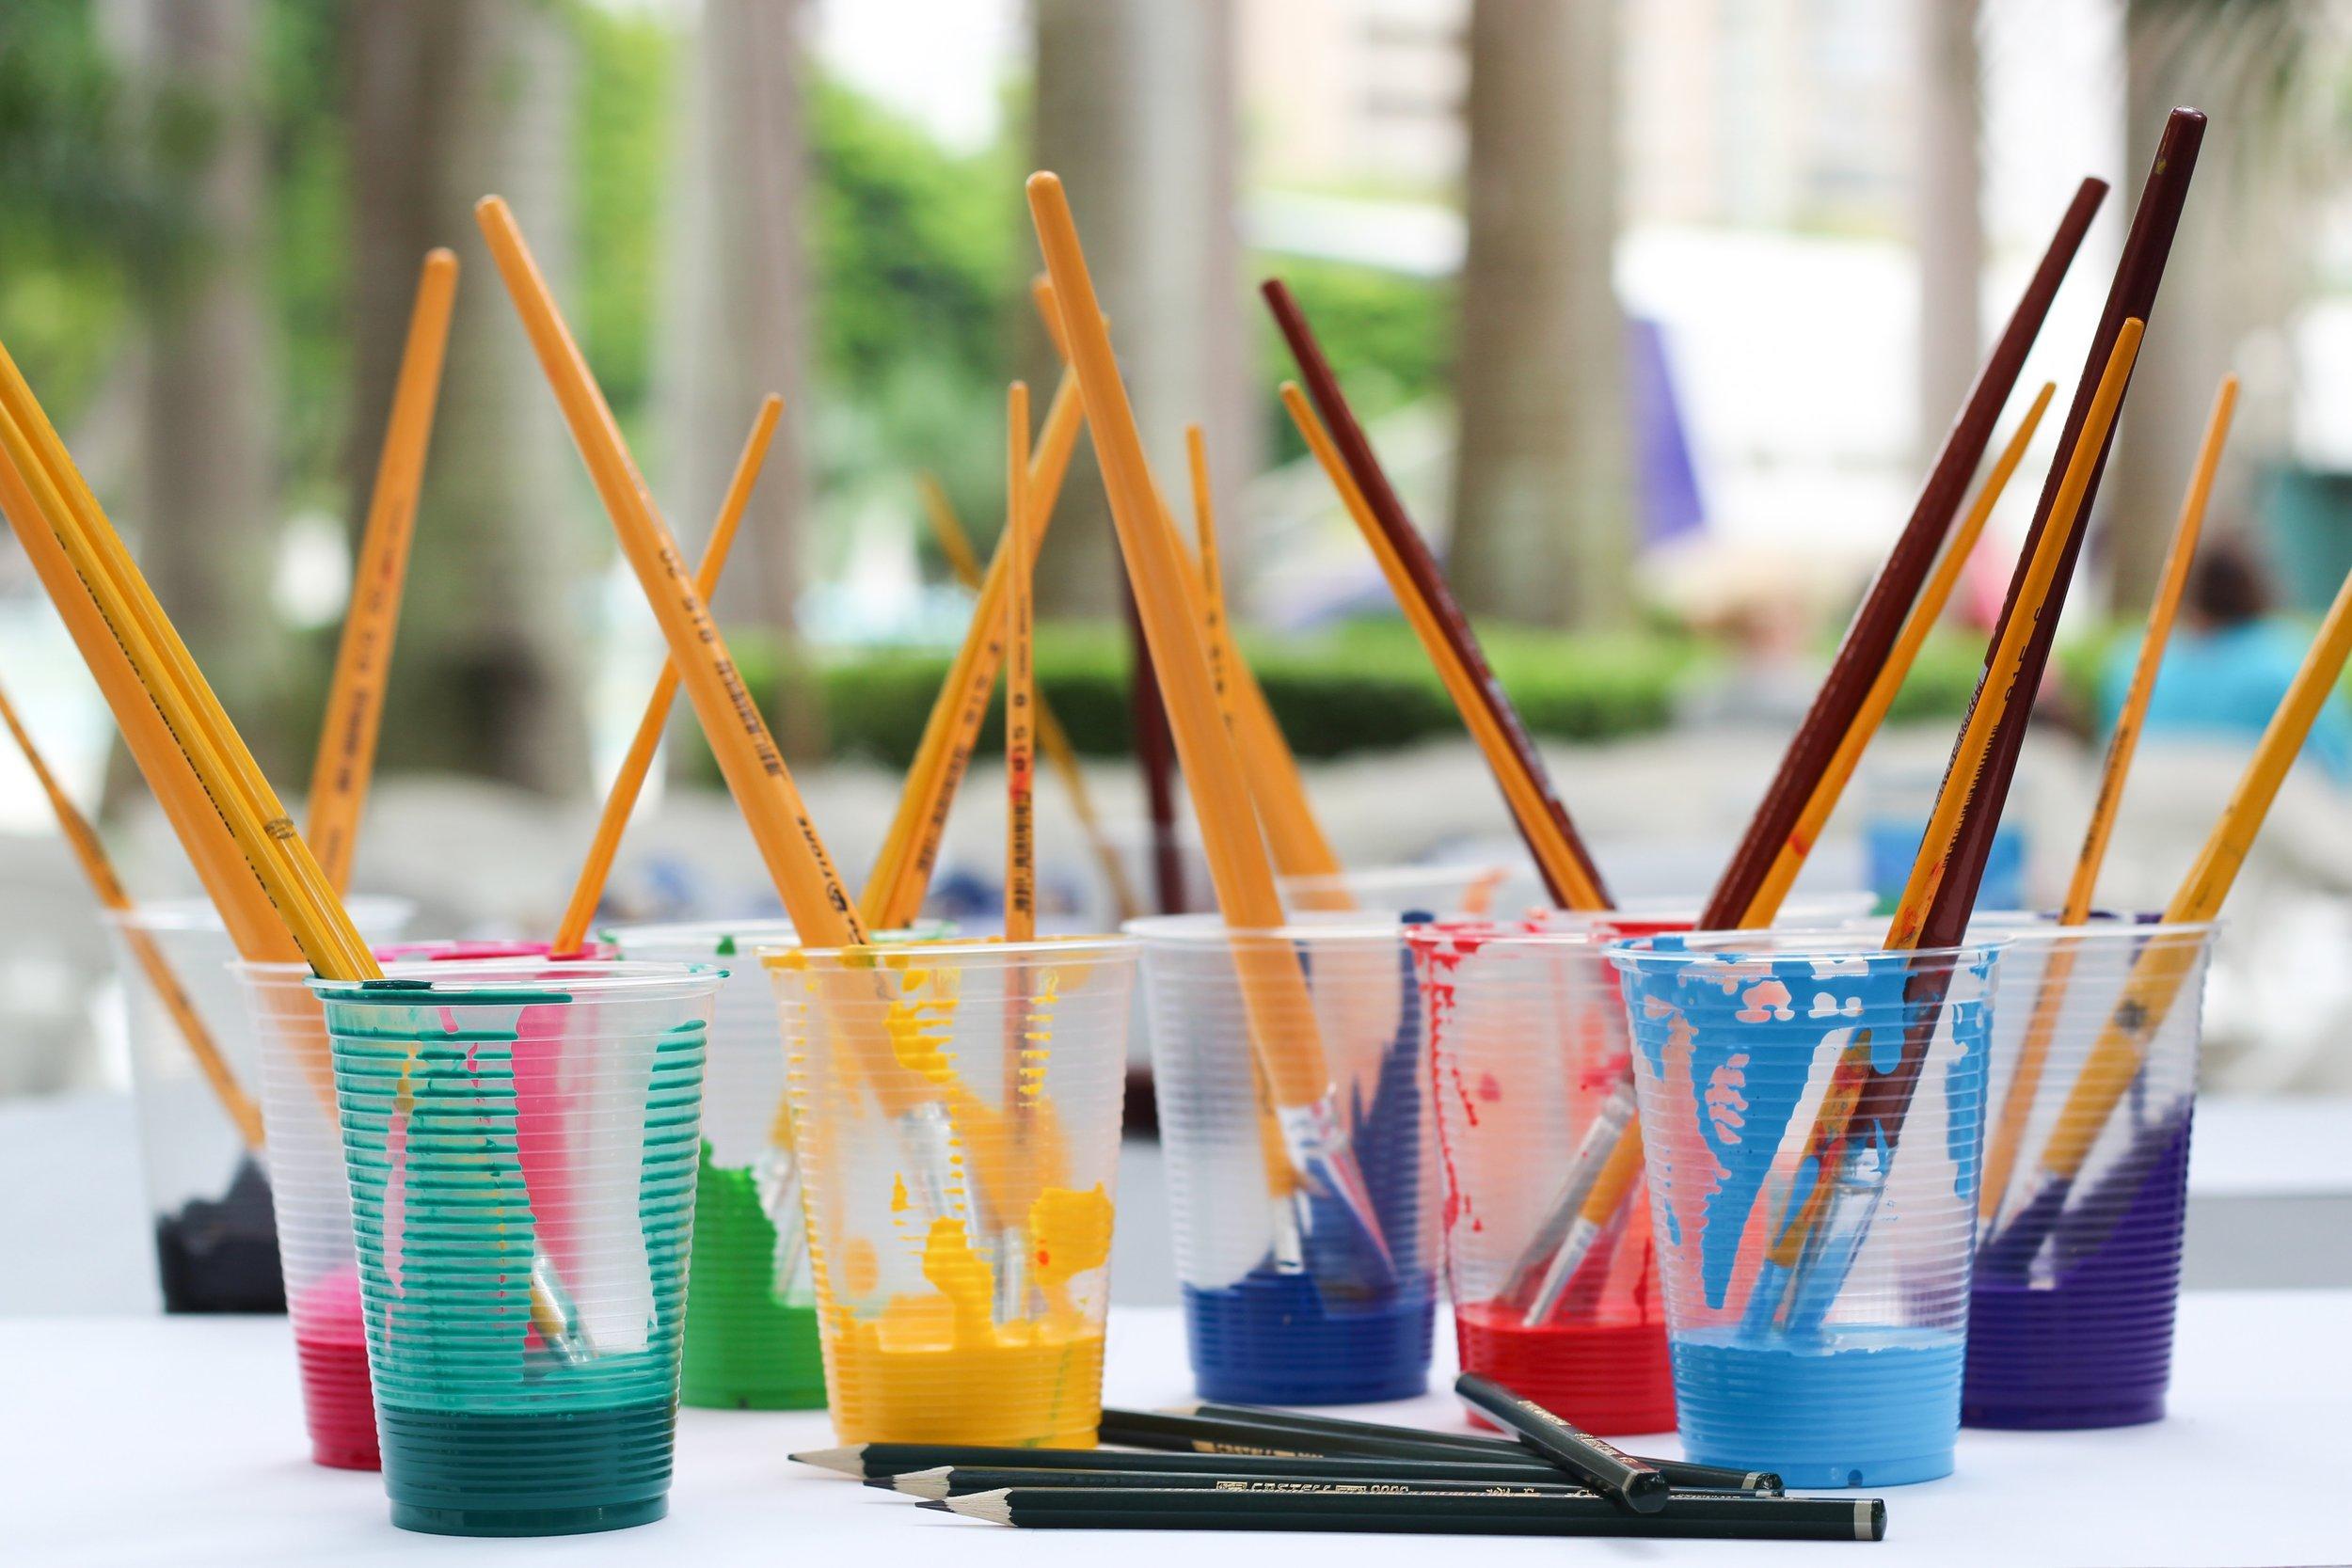 art-art-materials-artistic-542556.jpg